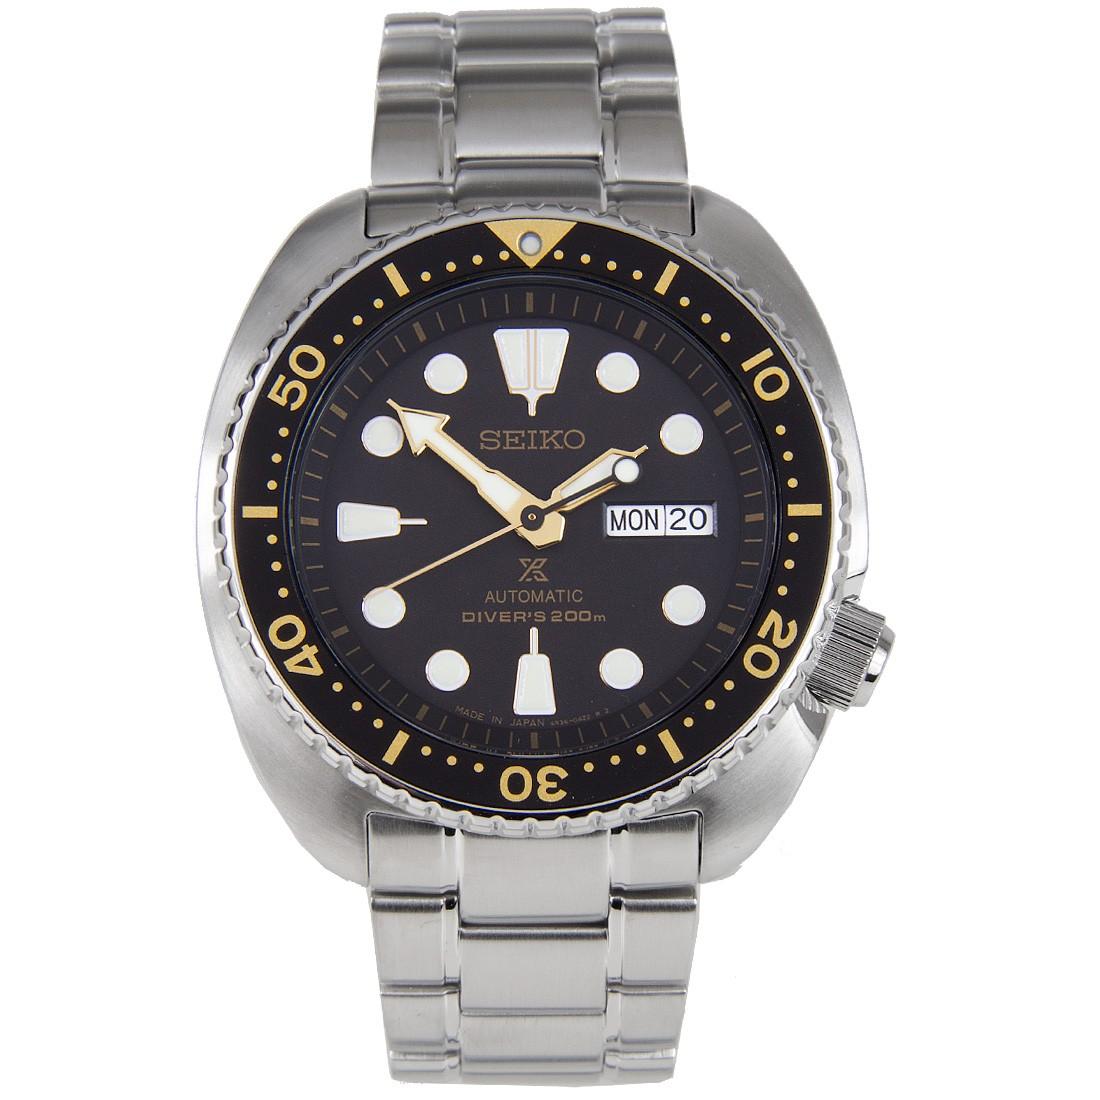 นาฬิกา Seiko Prospex Turtle Automatic Diver's 200M SRP775J1